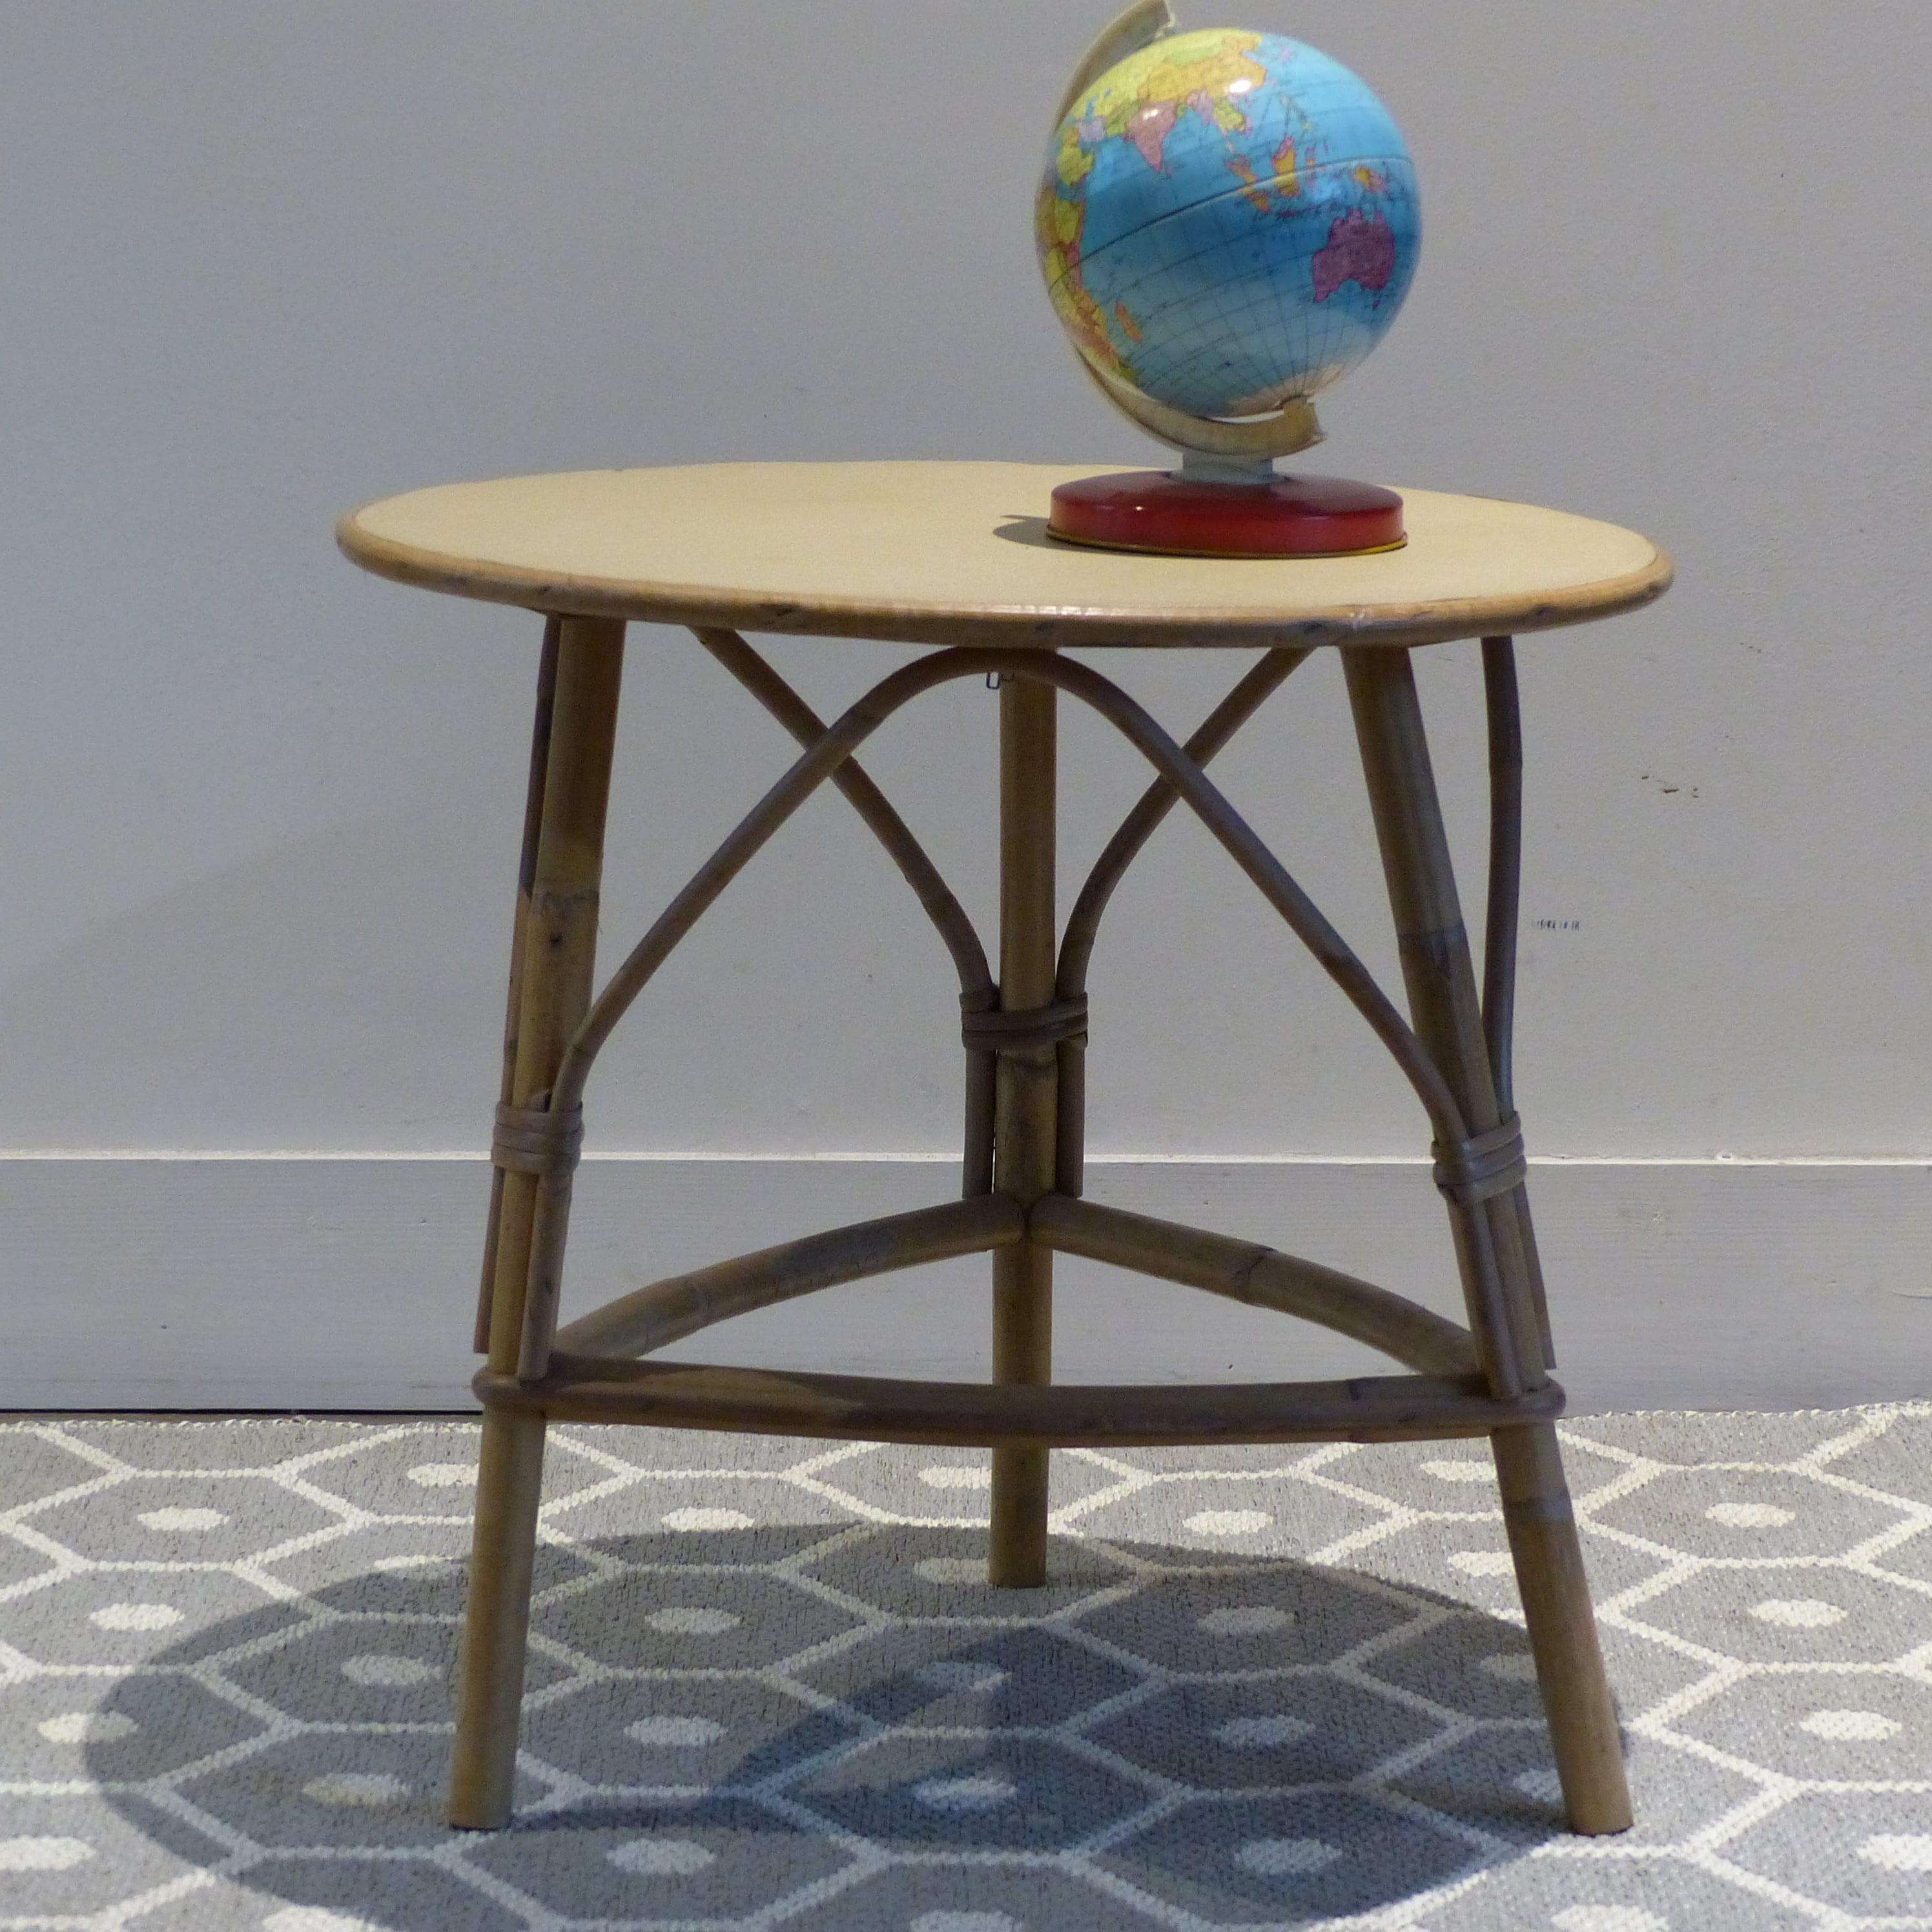 petite table pour enfant en rotin lignedebrocante. Black Bedroom Furniture Sets. Home Design Ideas